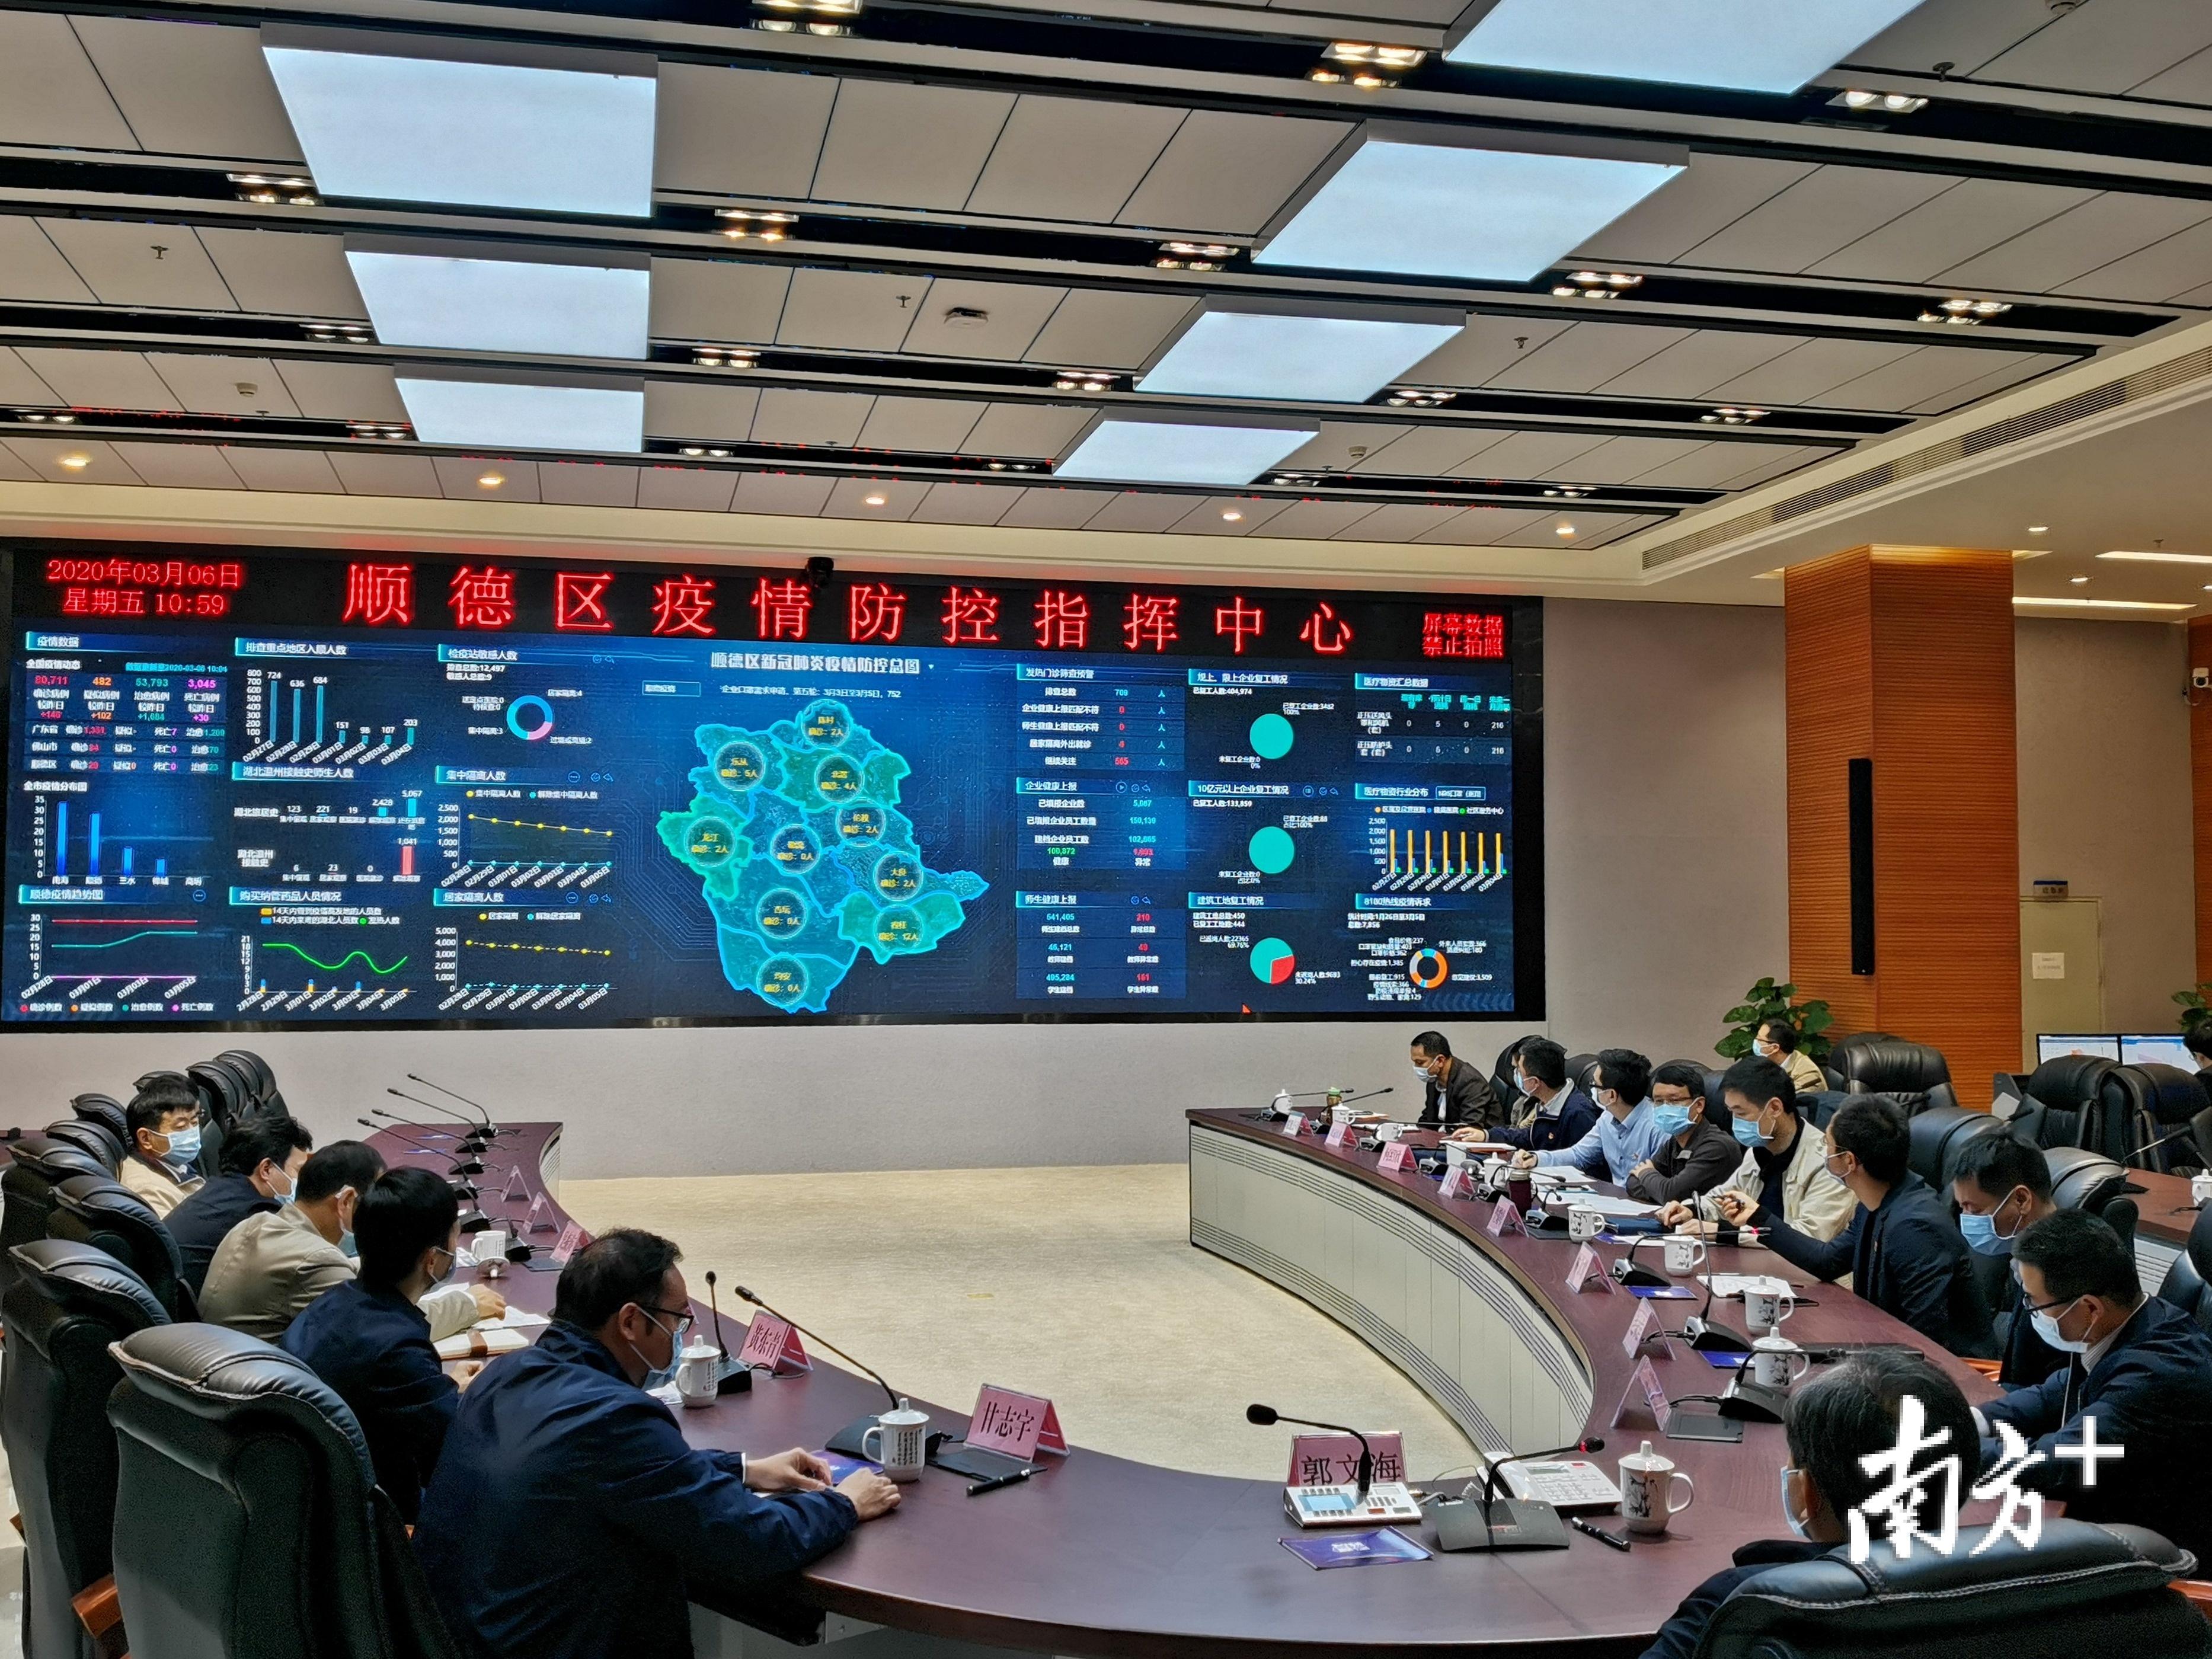 顺德防疫大数据治理创新平台实时展示城市网格疫情动态。熊程 摄